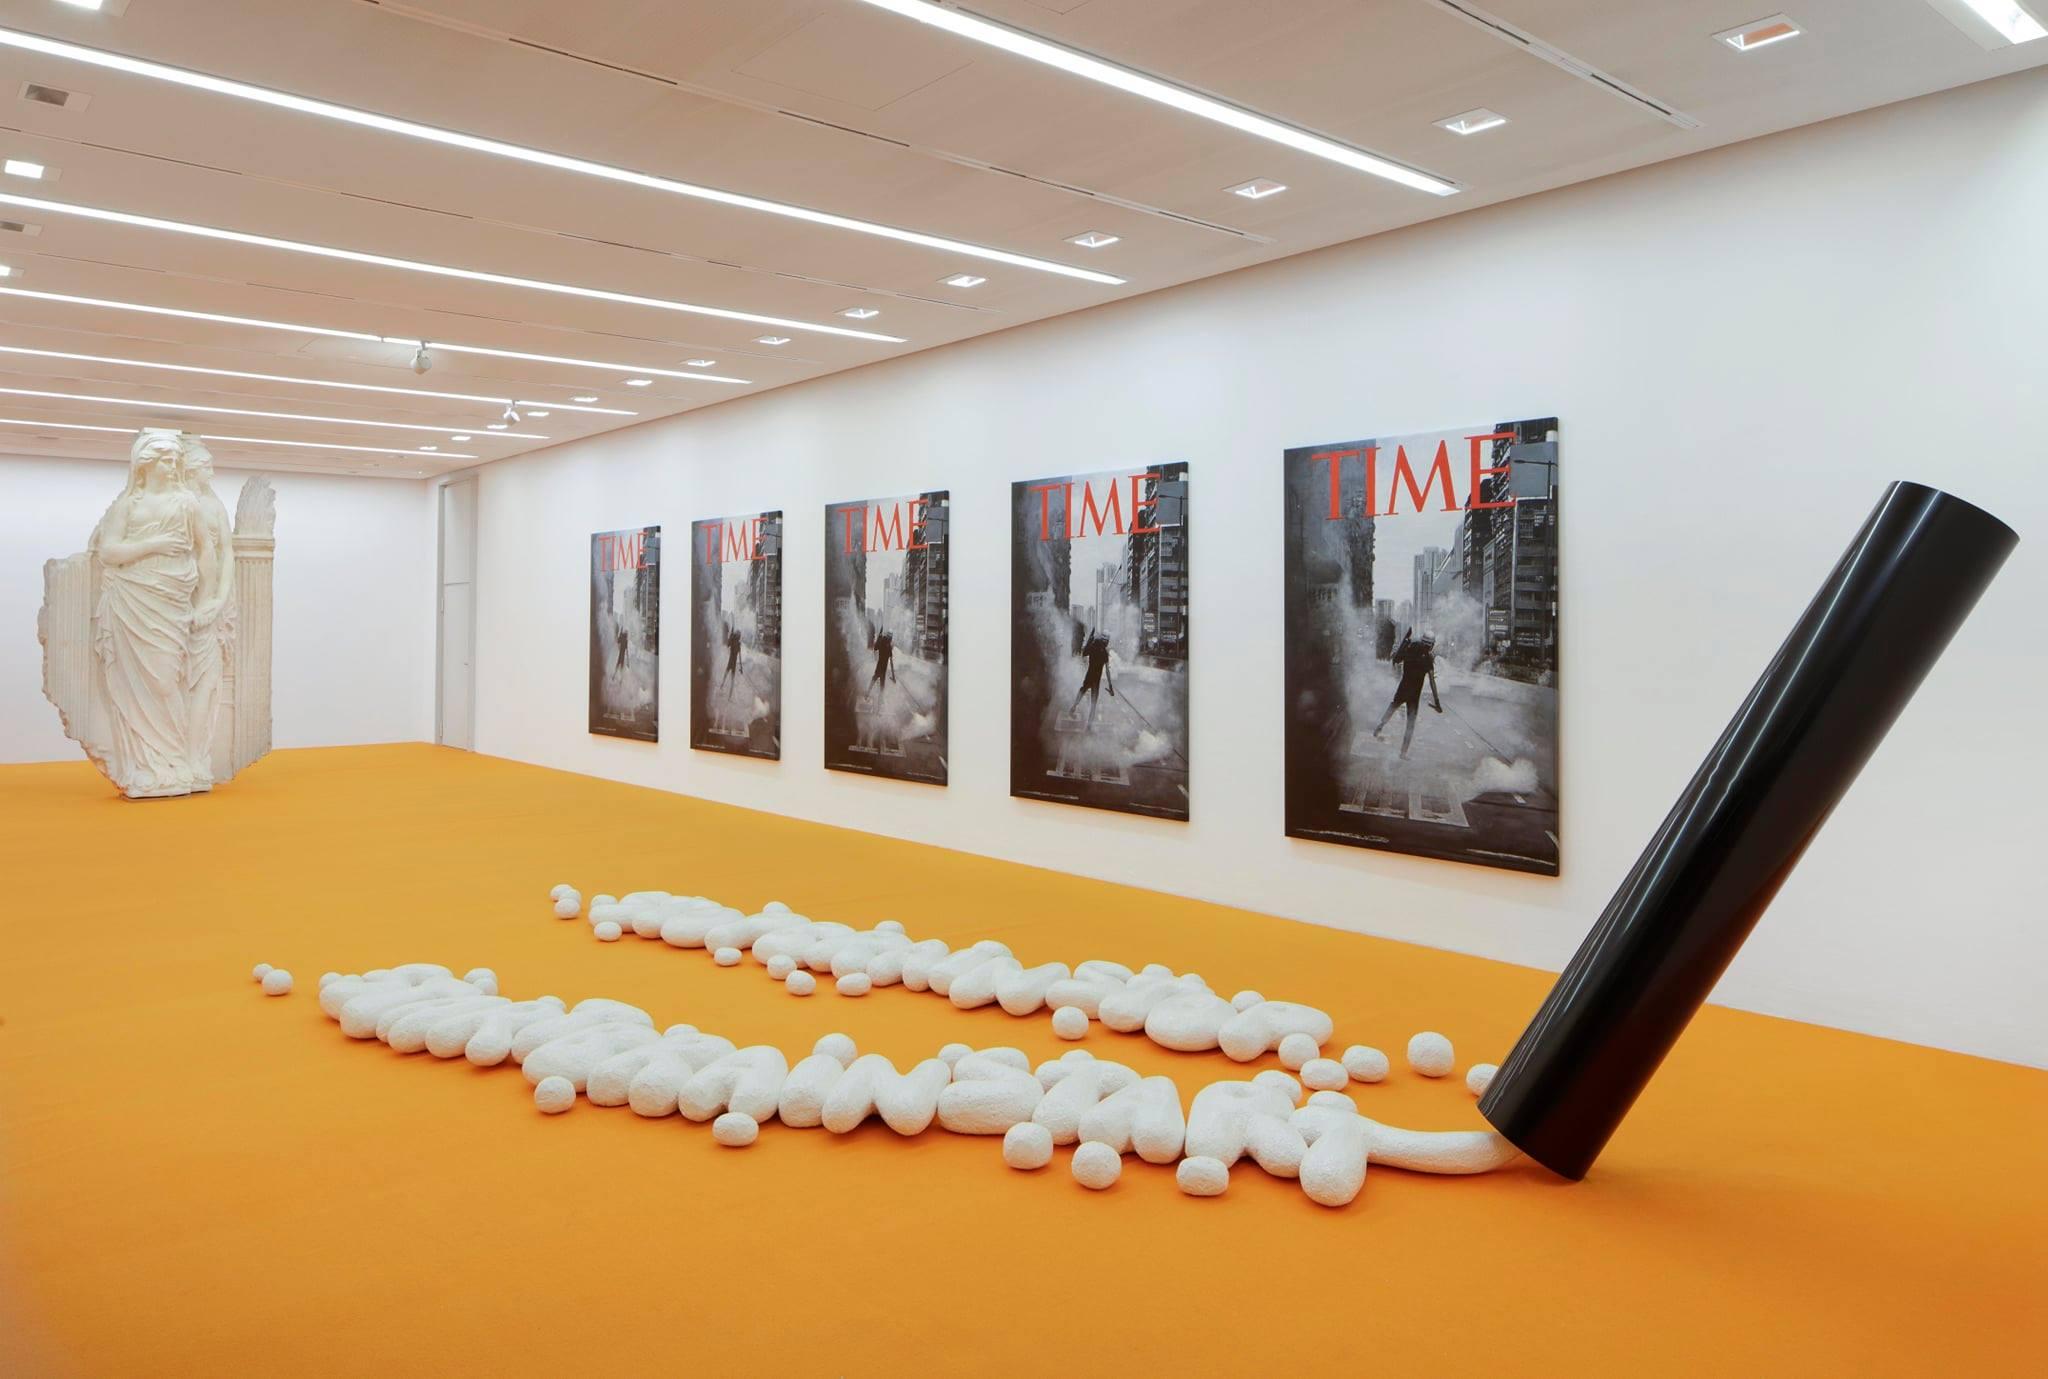 En images : Zuzanna Czebatul au Kunstpalais Erlangen